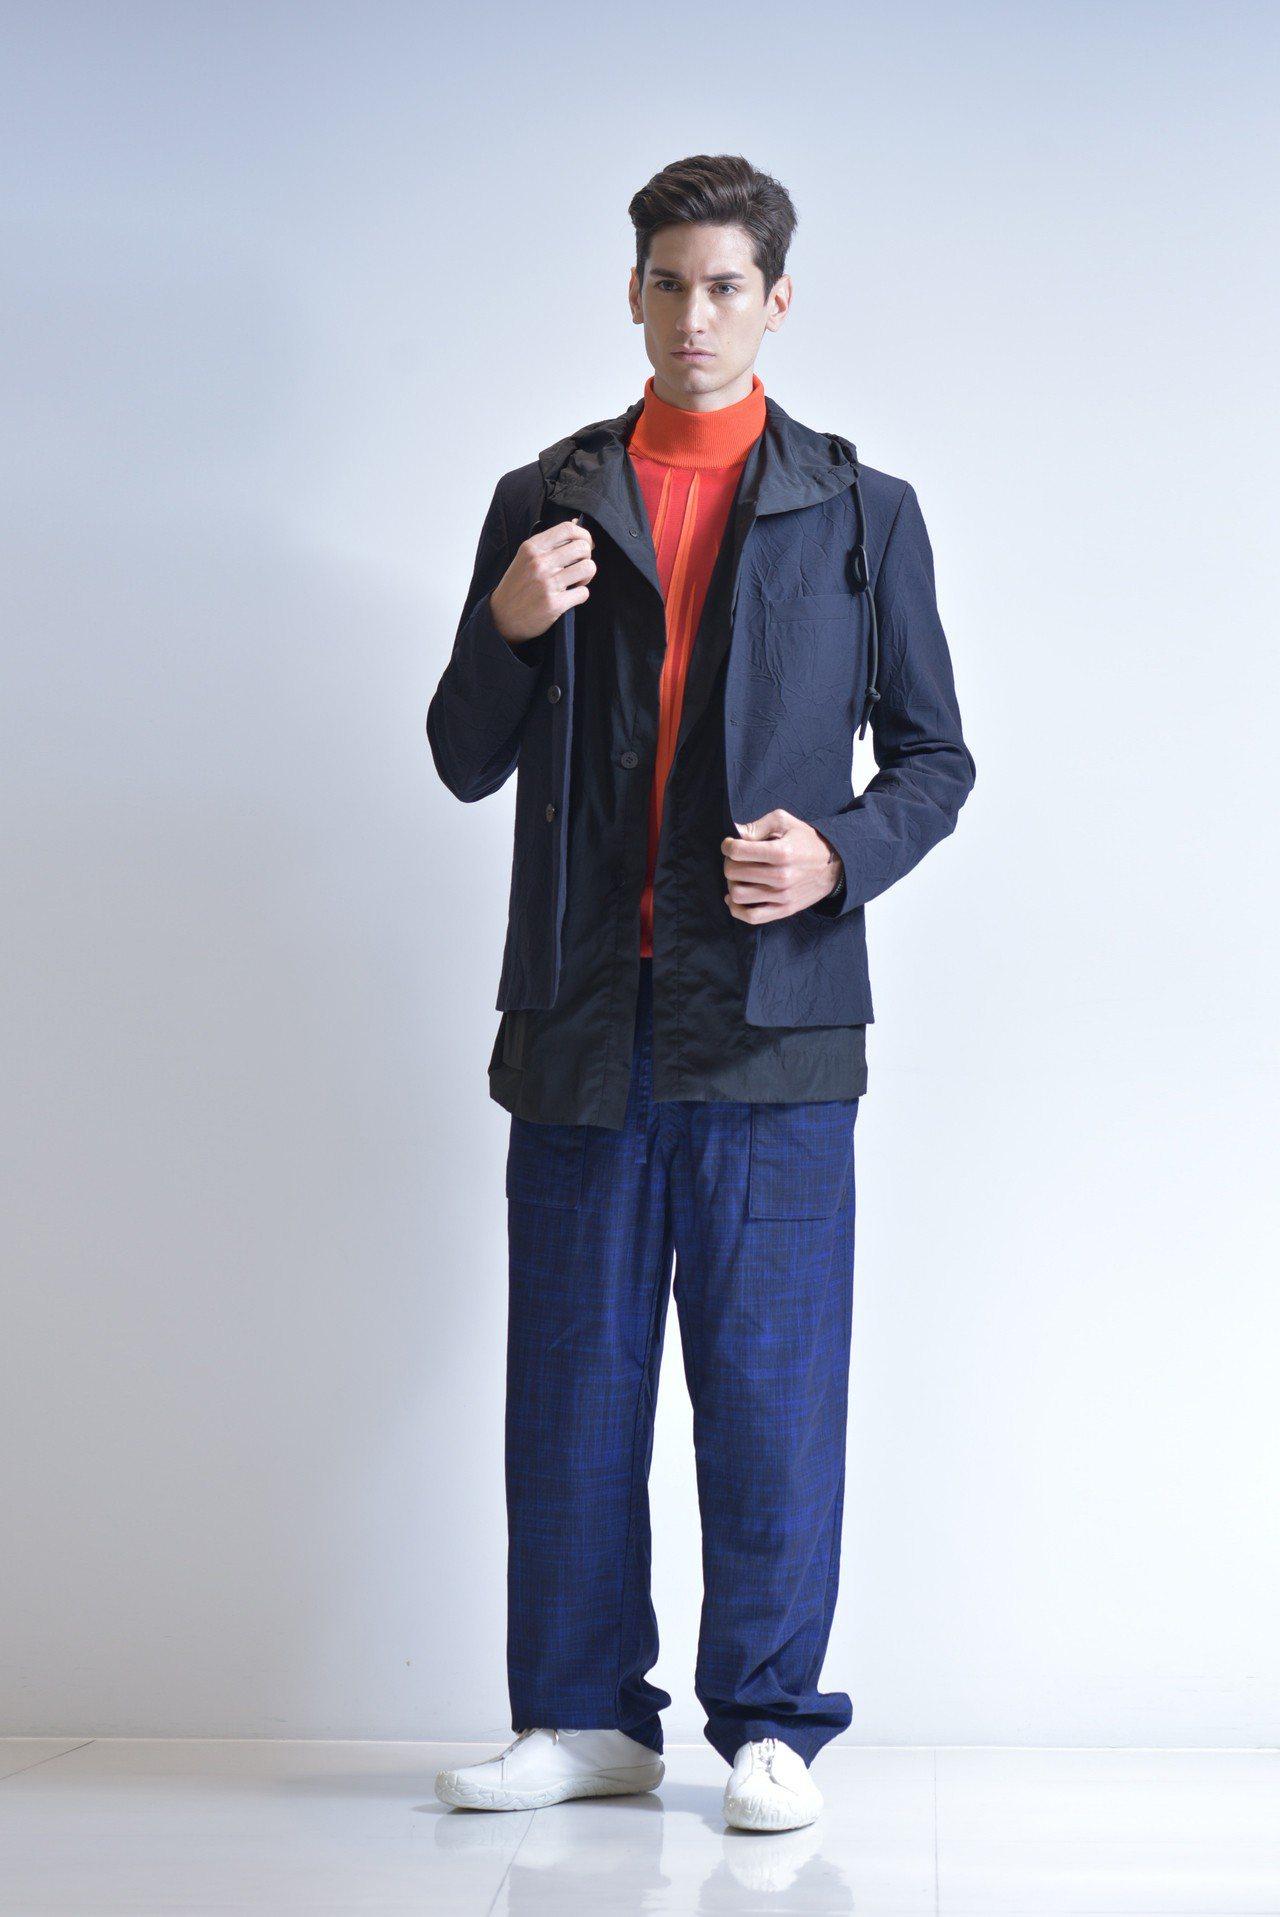 碎褶府綢針織外套71,300元、縐褶針織高領上衣19,300元、毛織直筒褲40,...